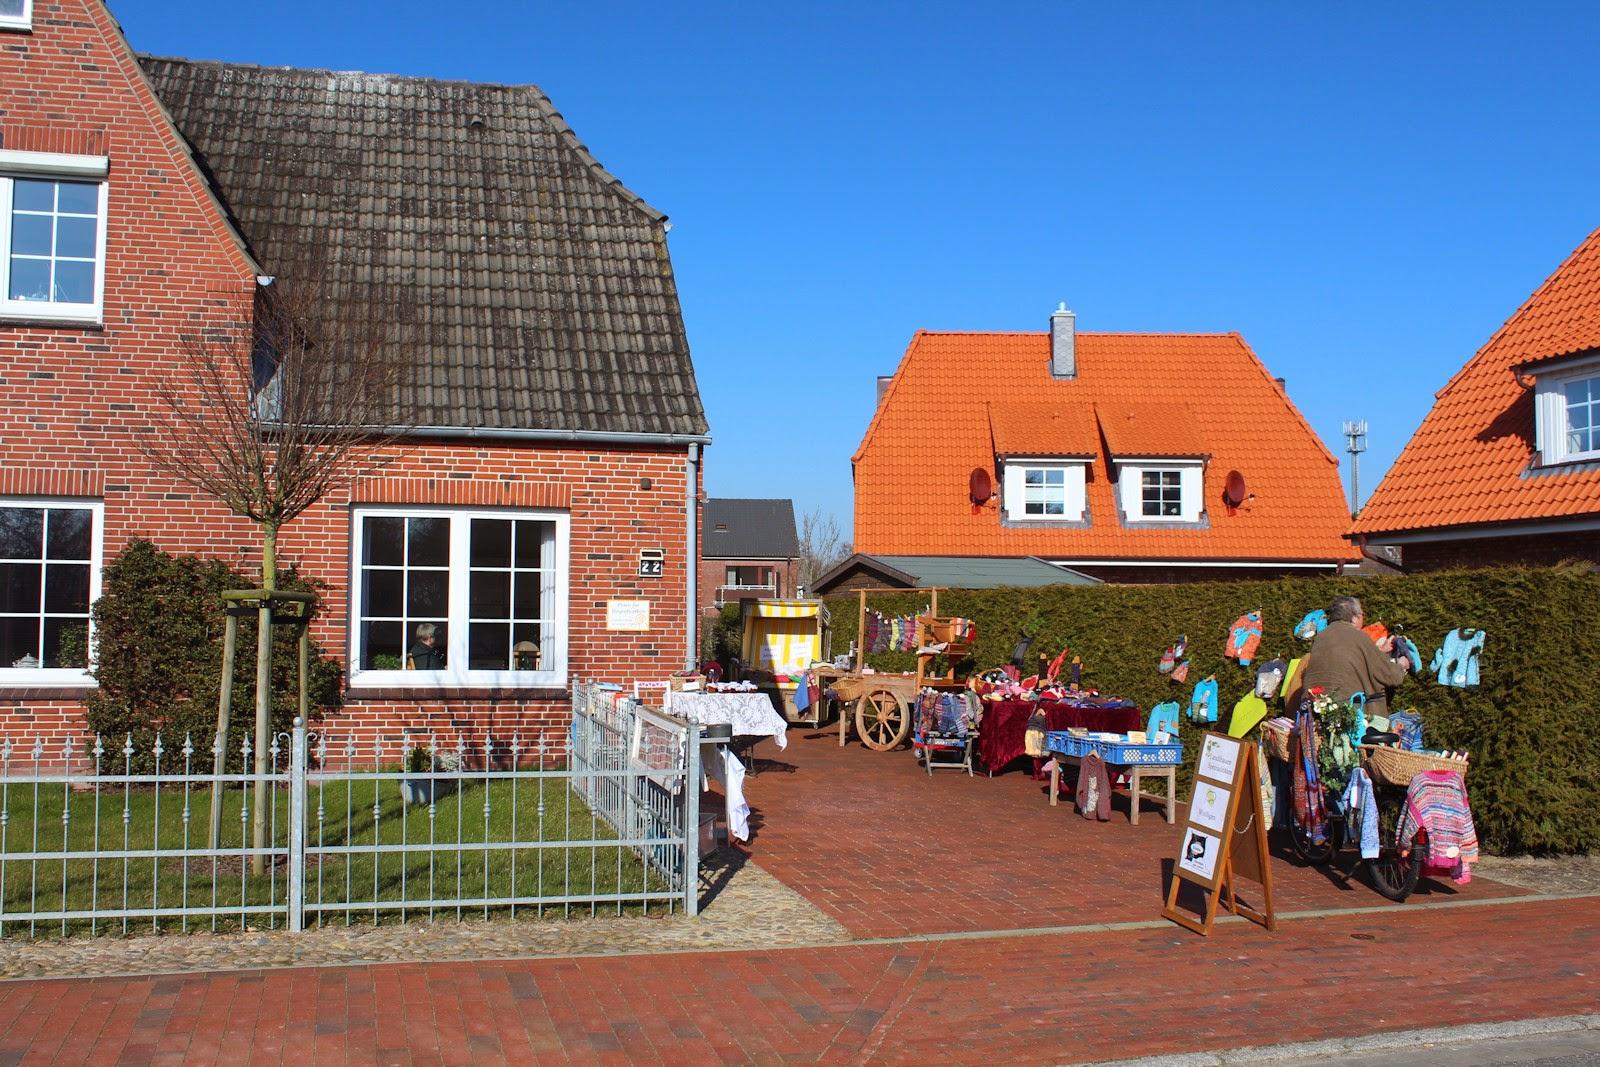 Frühlingspaziergang St. Peter-Ording, Gästehaus Siercks, Strassenbasar